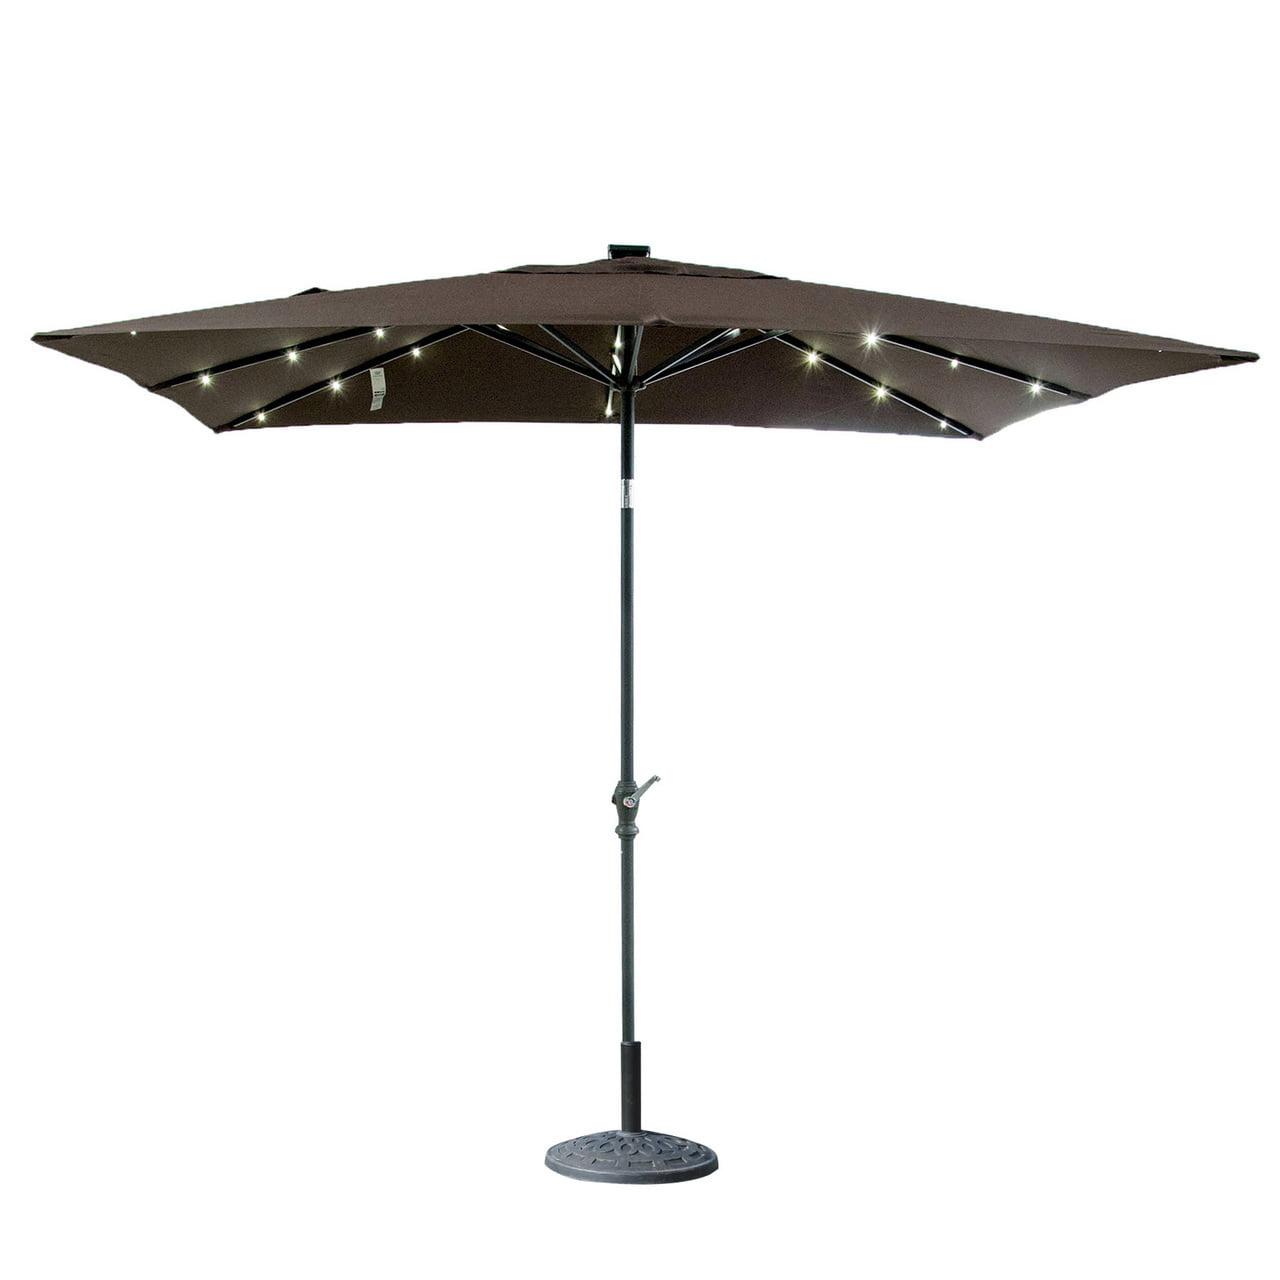 Rectangular Led Umbrella: ORNO TTOBE 7x9 Ft Rectangular Aluminum Patio Market